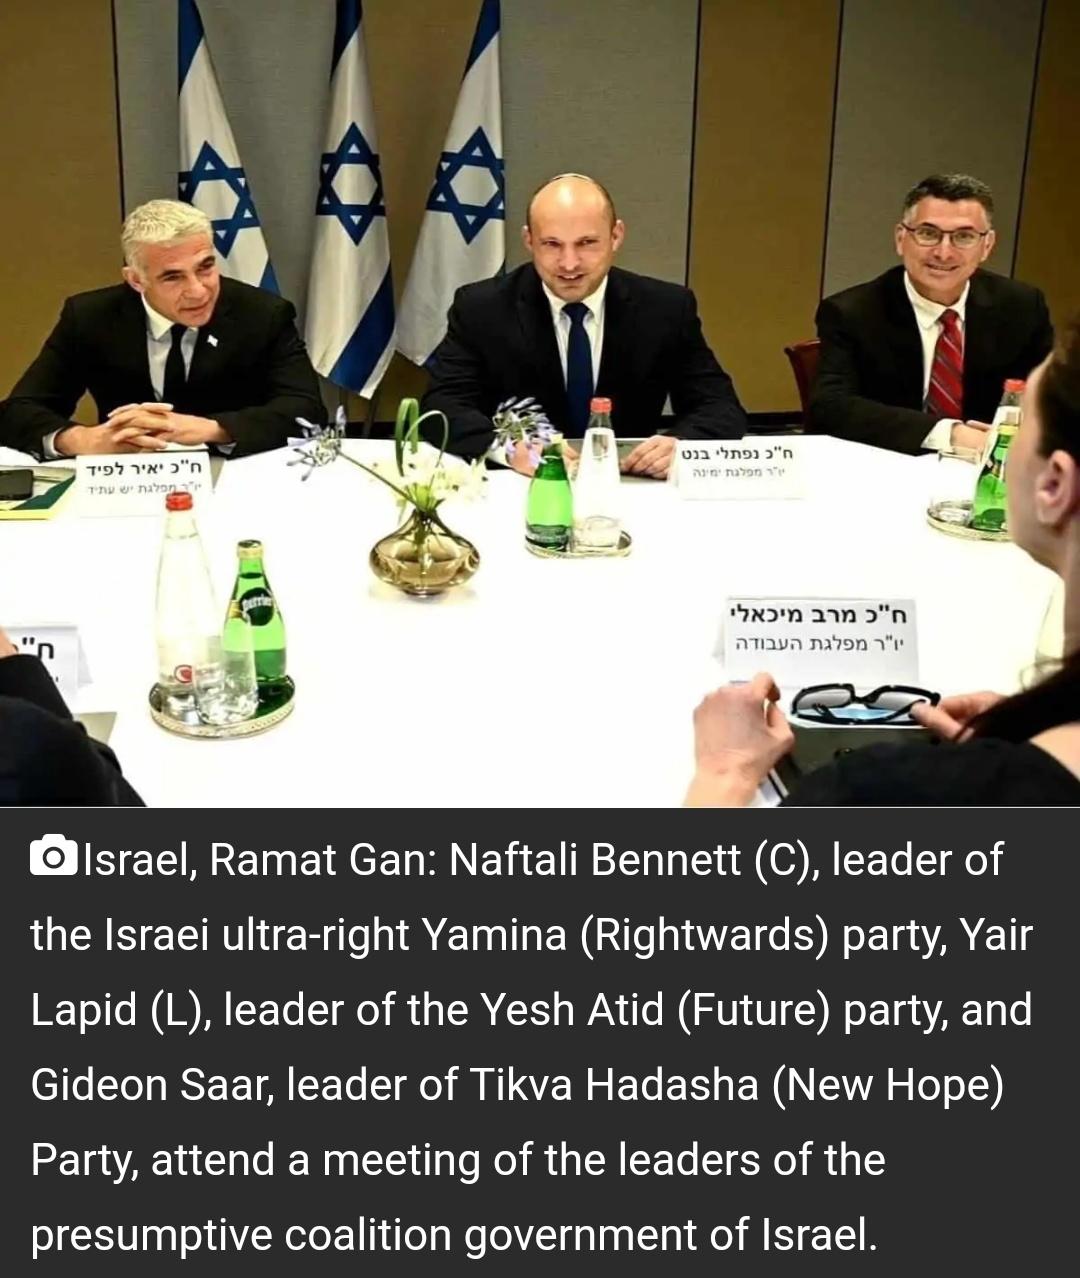 3 साल के गतिरोध के बाद इजरायली कैबिनेट ने राज्य के बजट पर चर्चा की 3